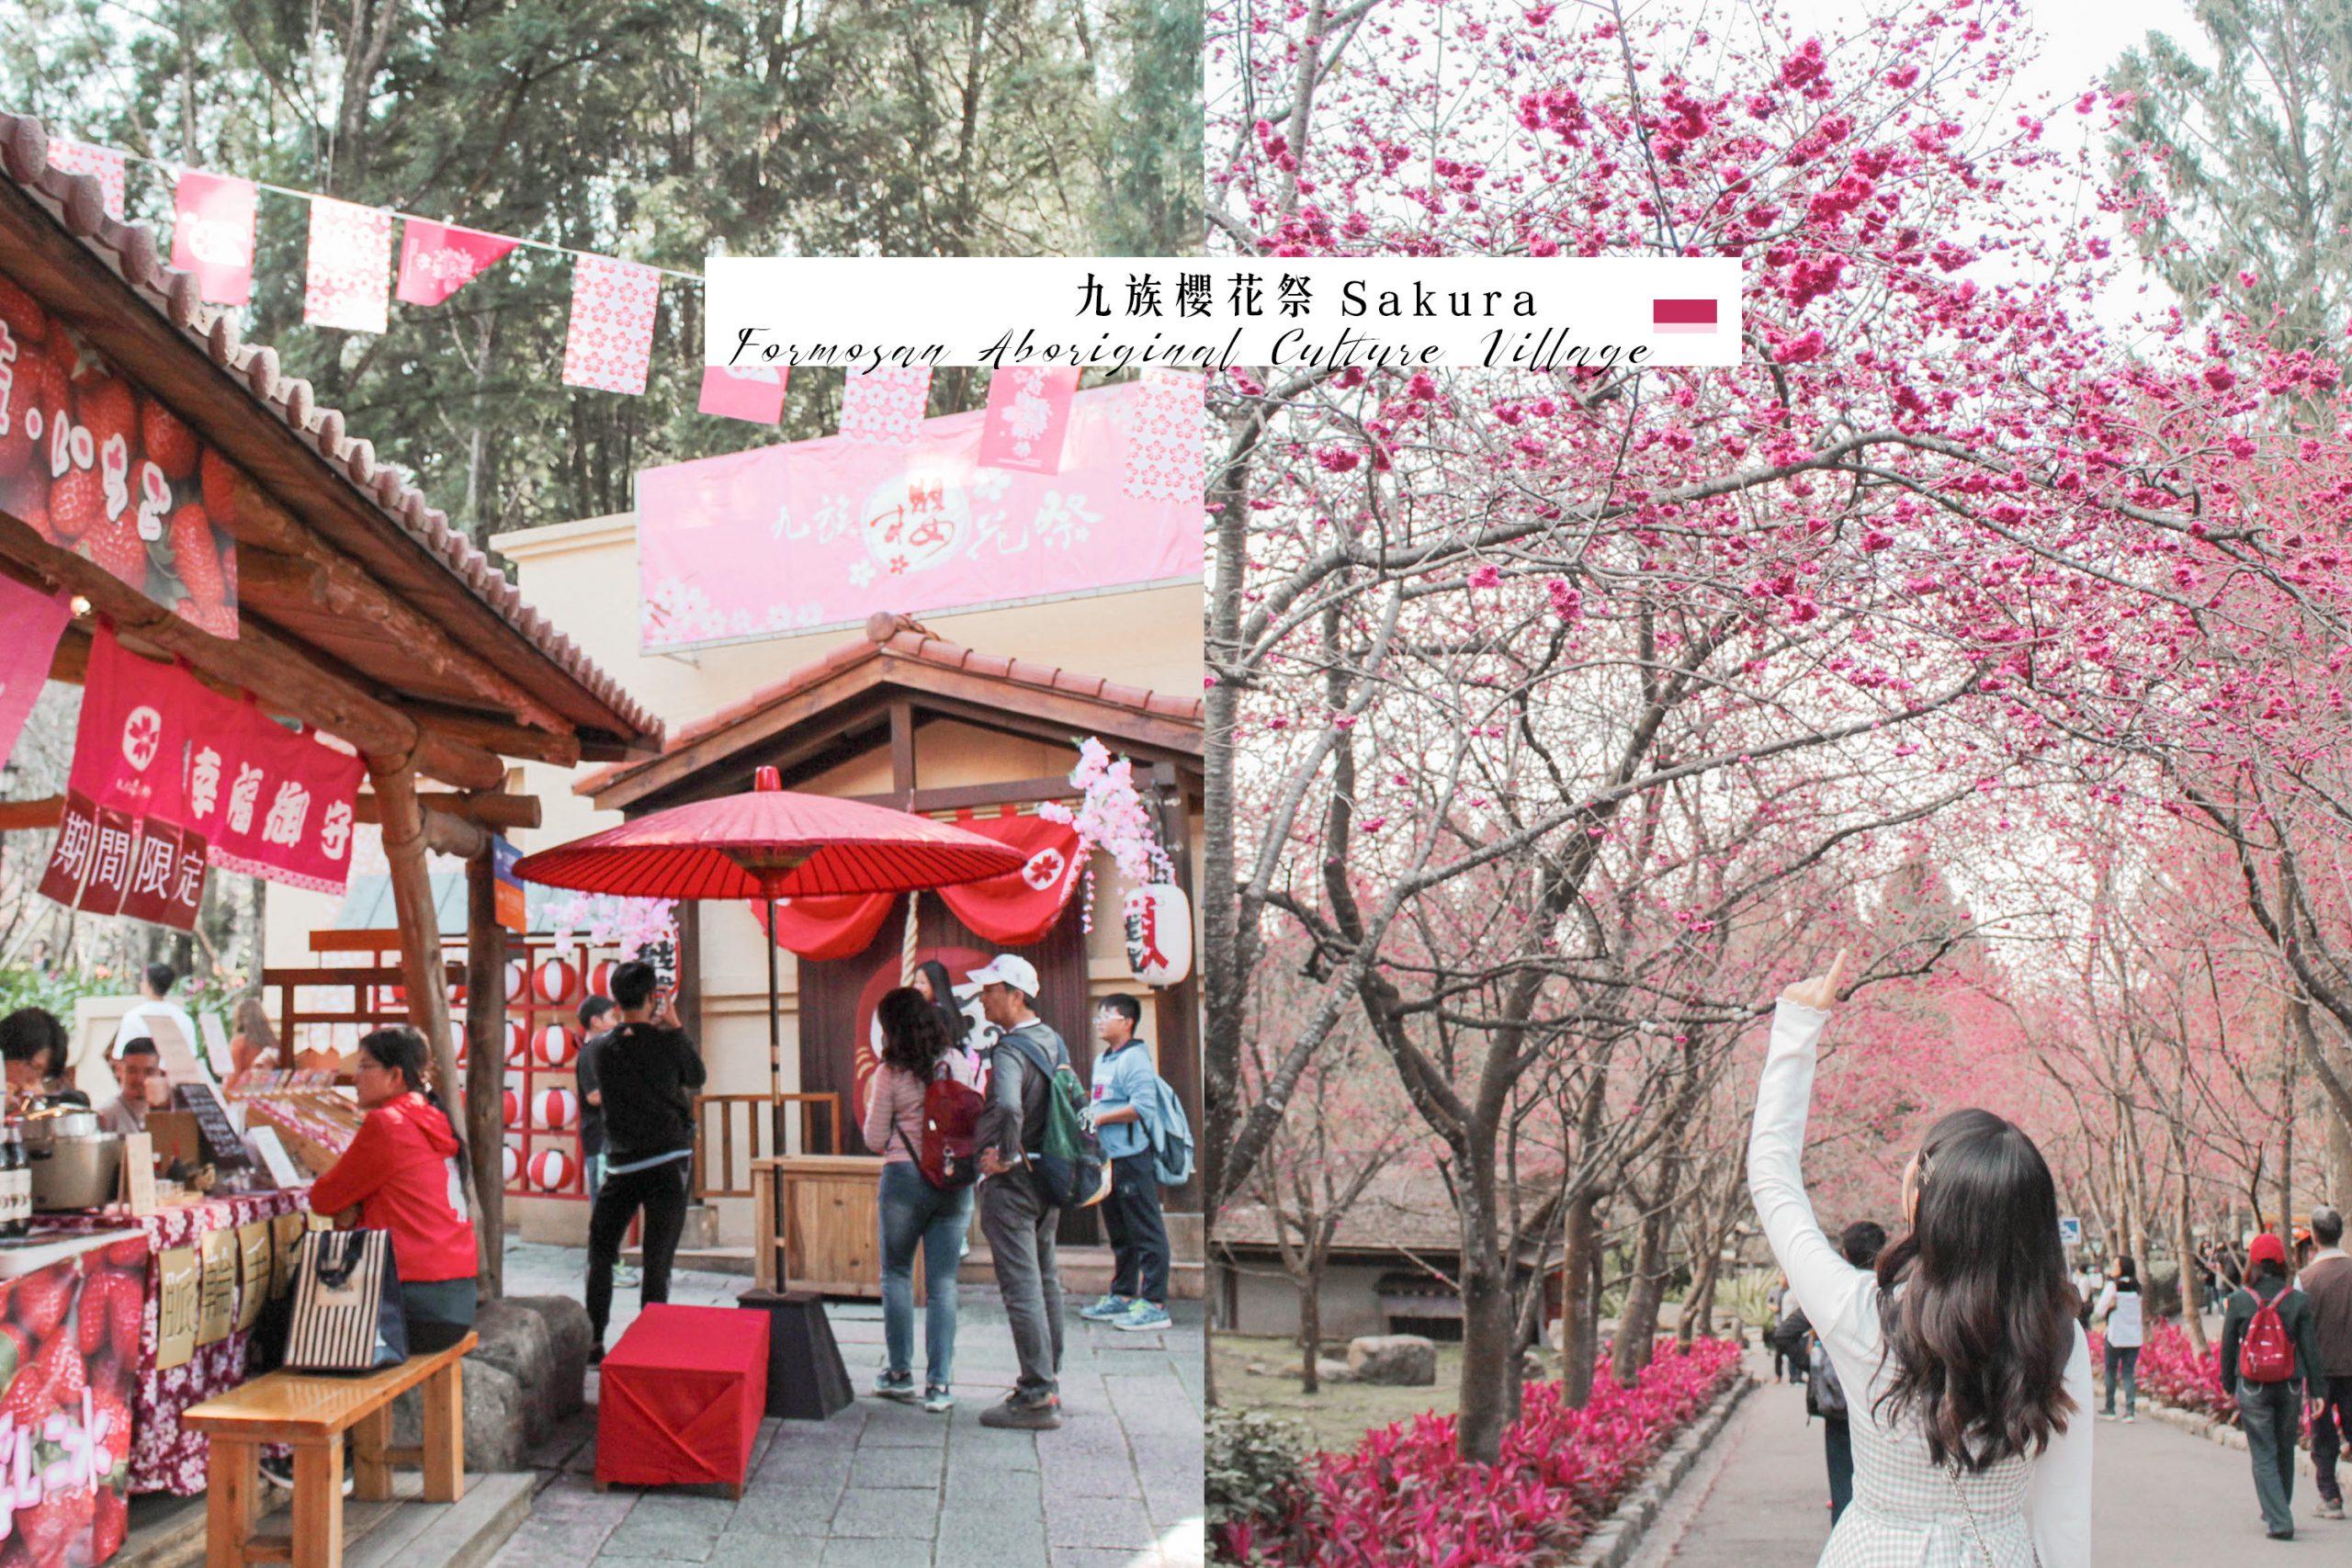 南投魚池景點|九族櫻花祭- 2020最新櫻花季花況|搭乘纜車看櫻花|西班牙海岸